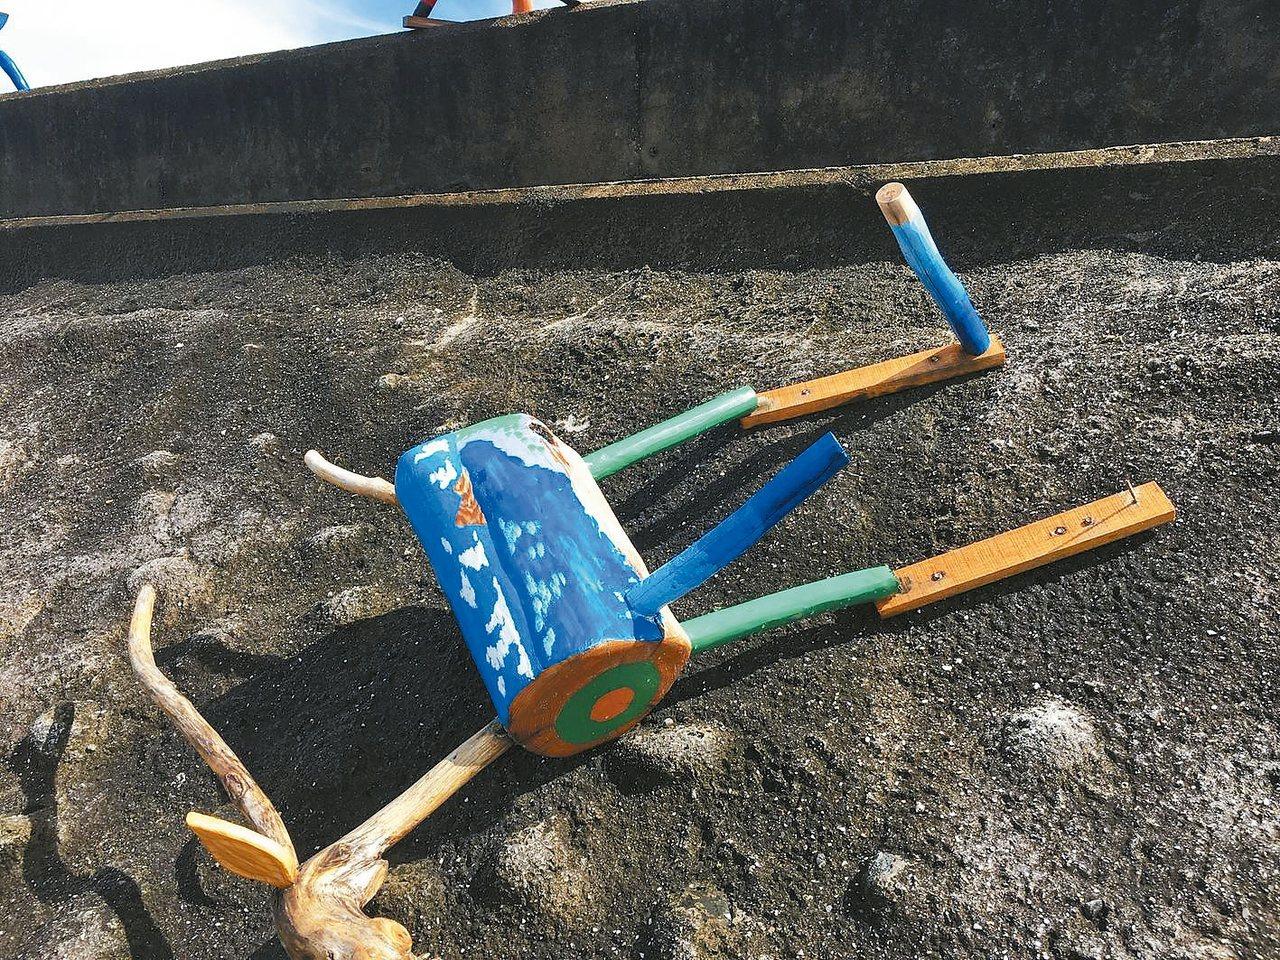 重達3、40公斤的羊被拉扯倒在地上。 圖/比西里岸部落PawPaw鼓樂團提供